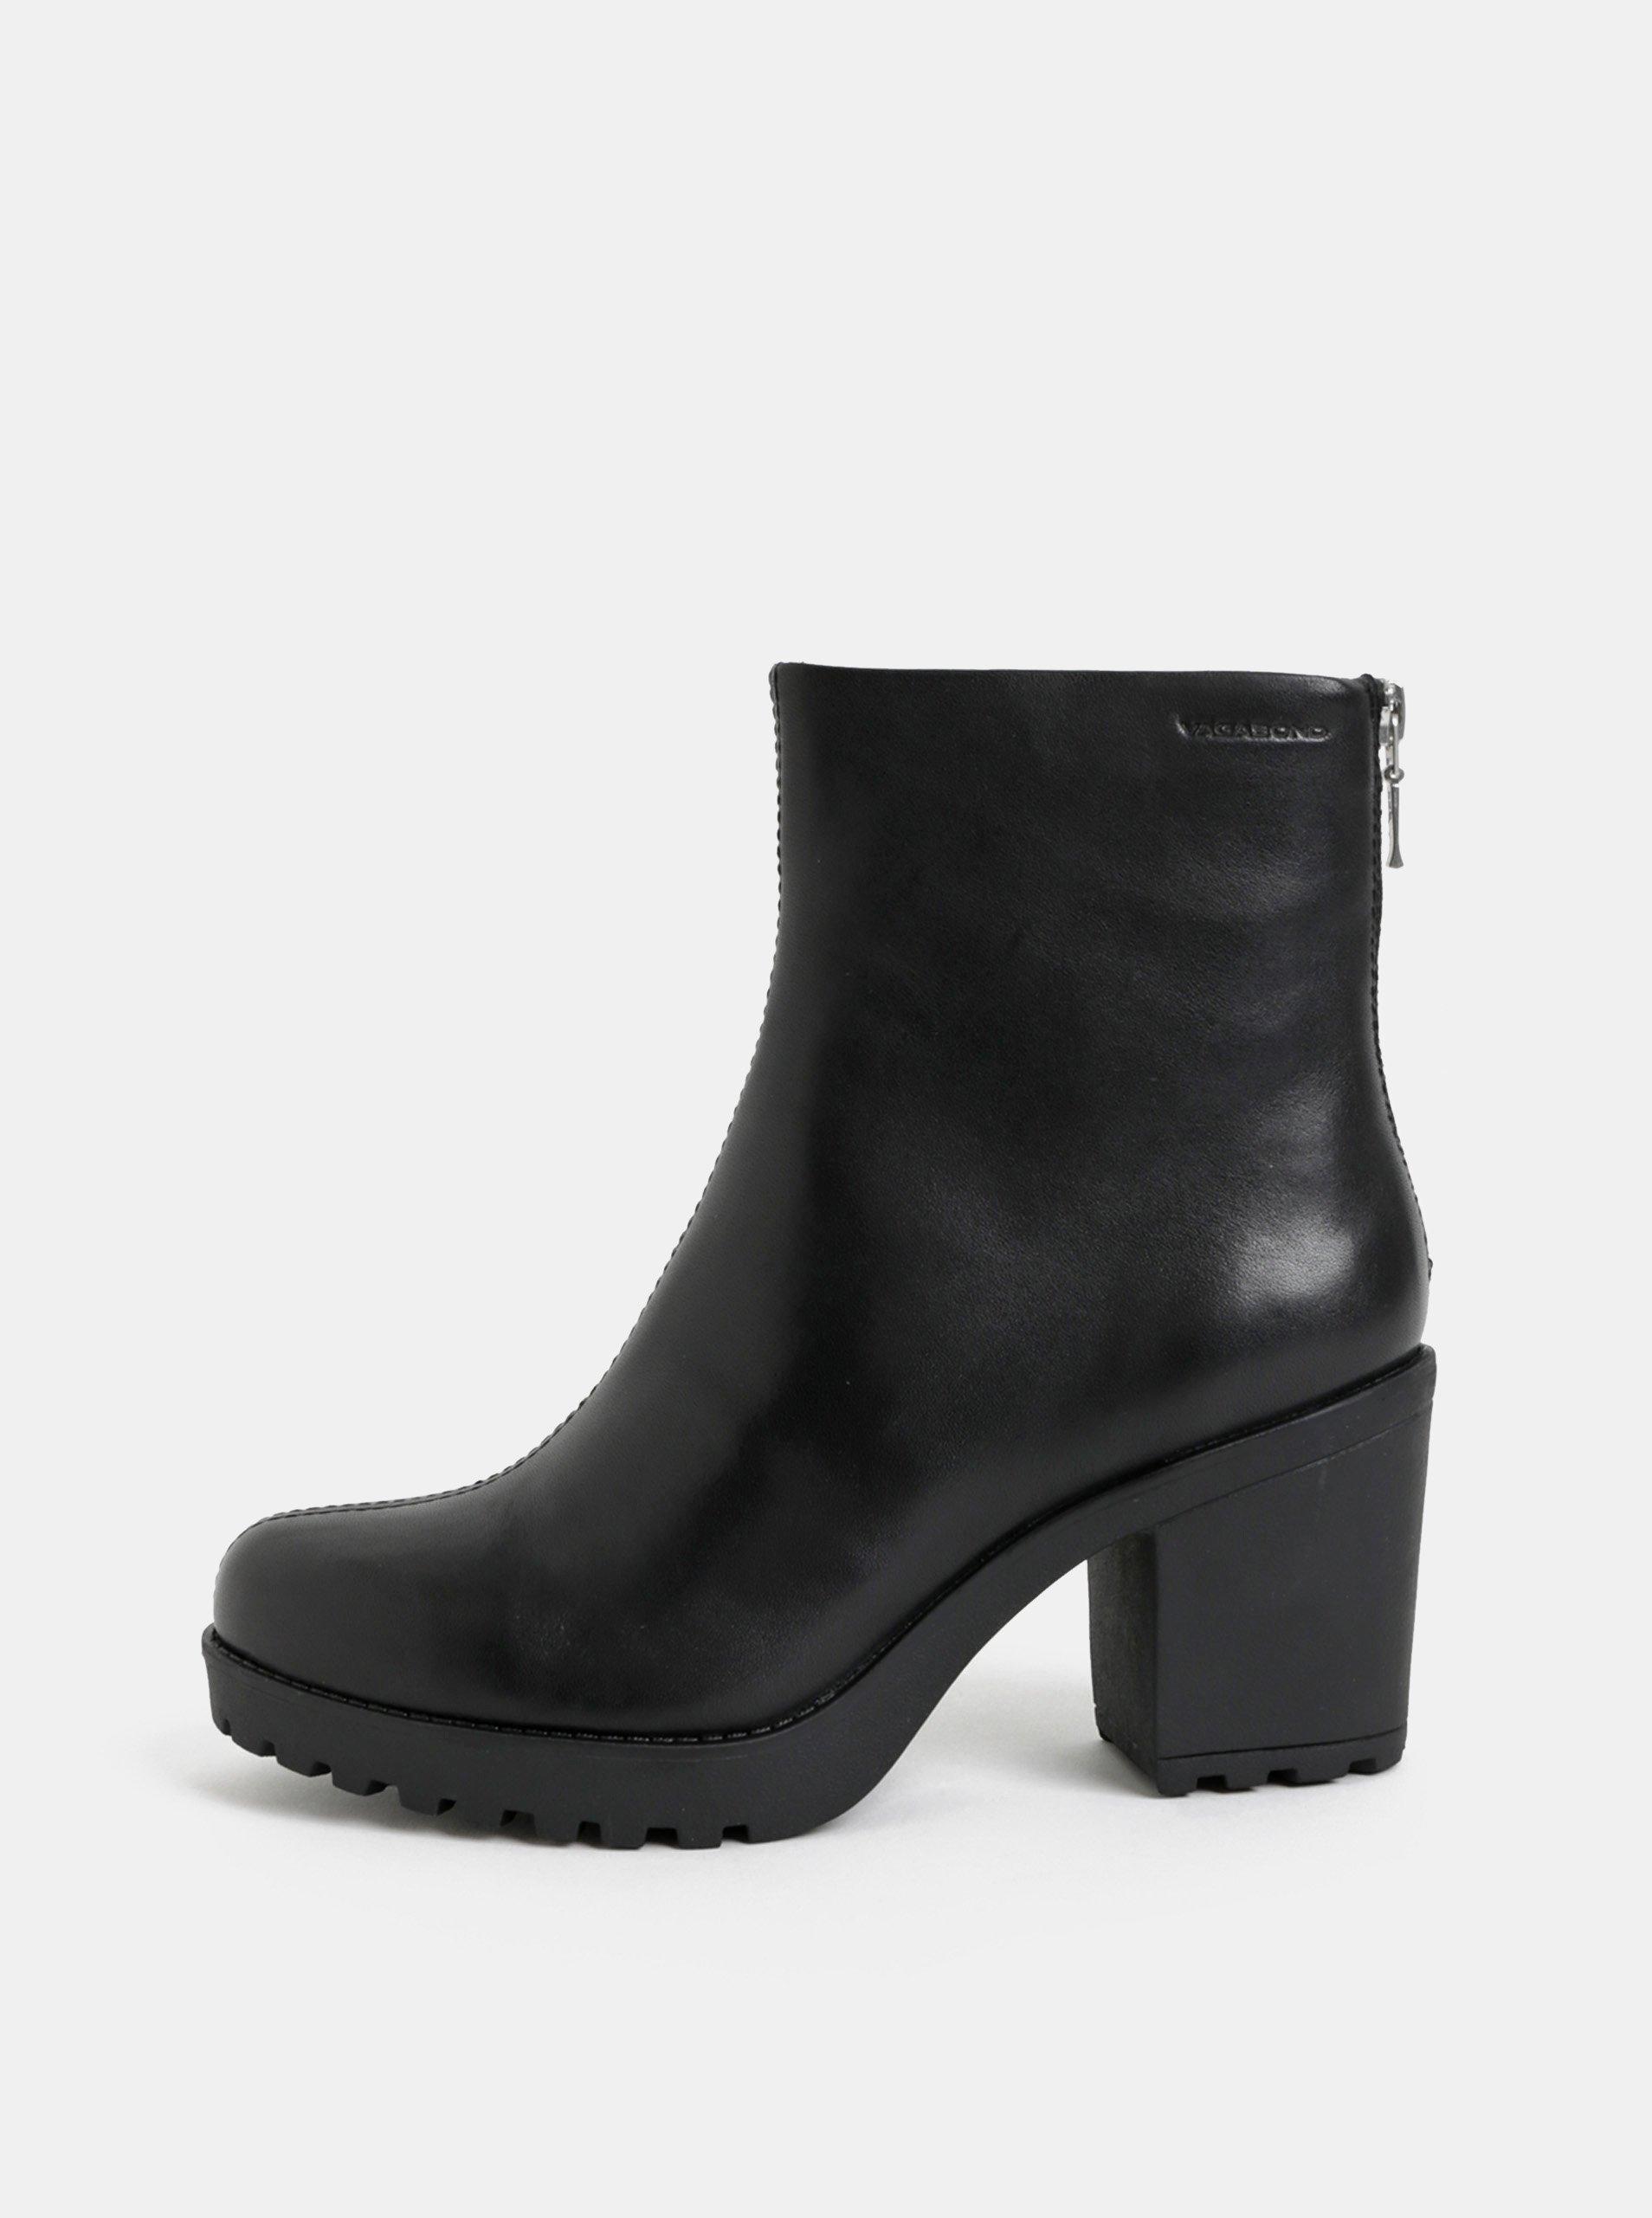 61a429fa8e Čierne dámske kožené členkové topánky na podpätku Vagabond Grace